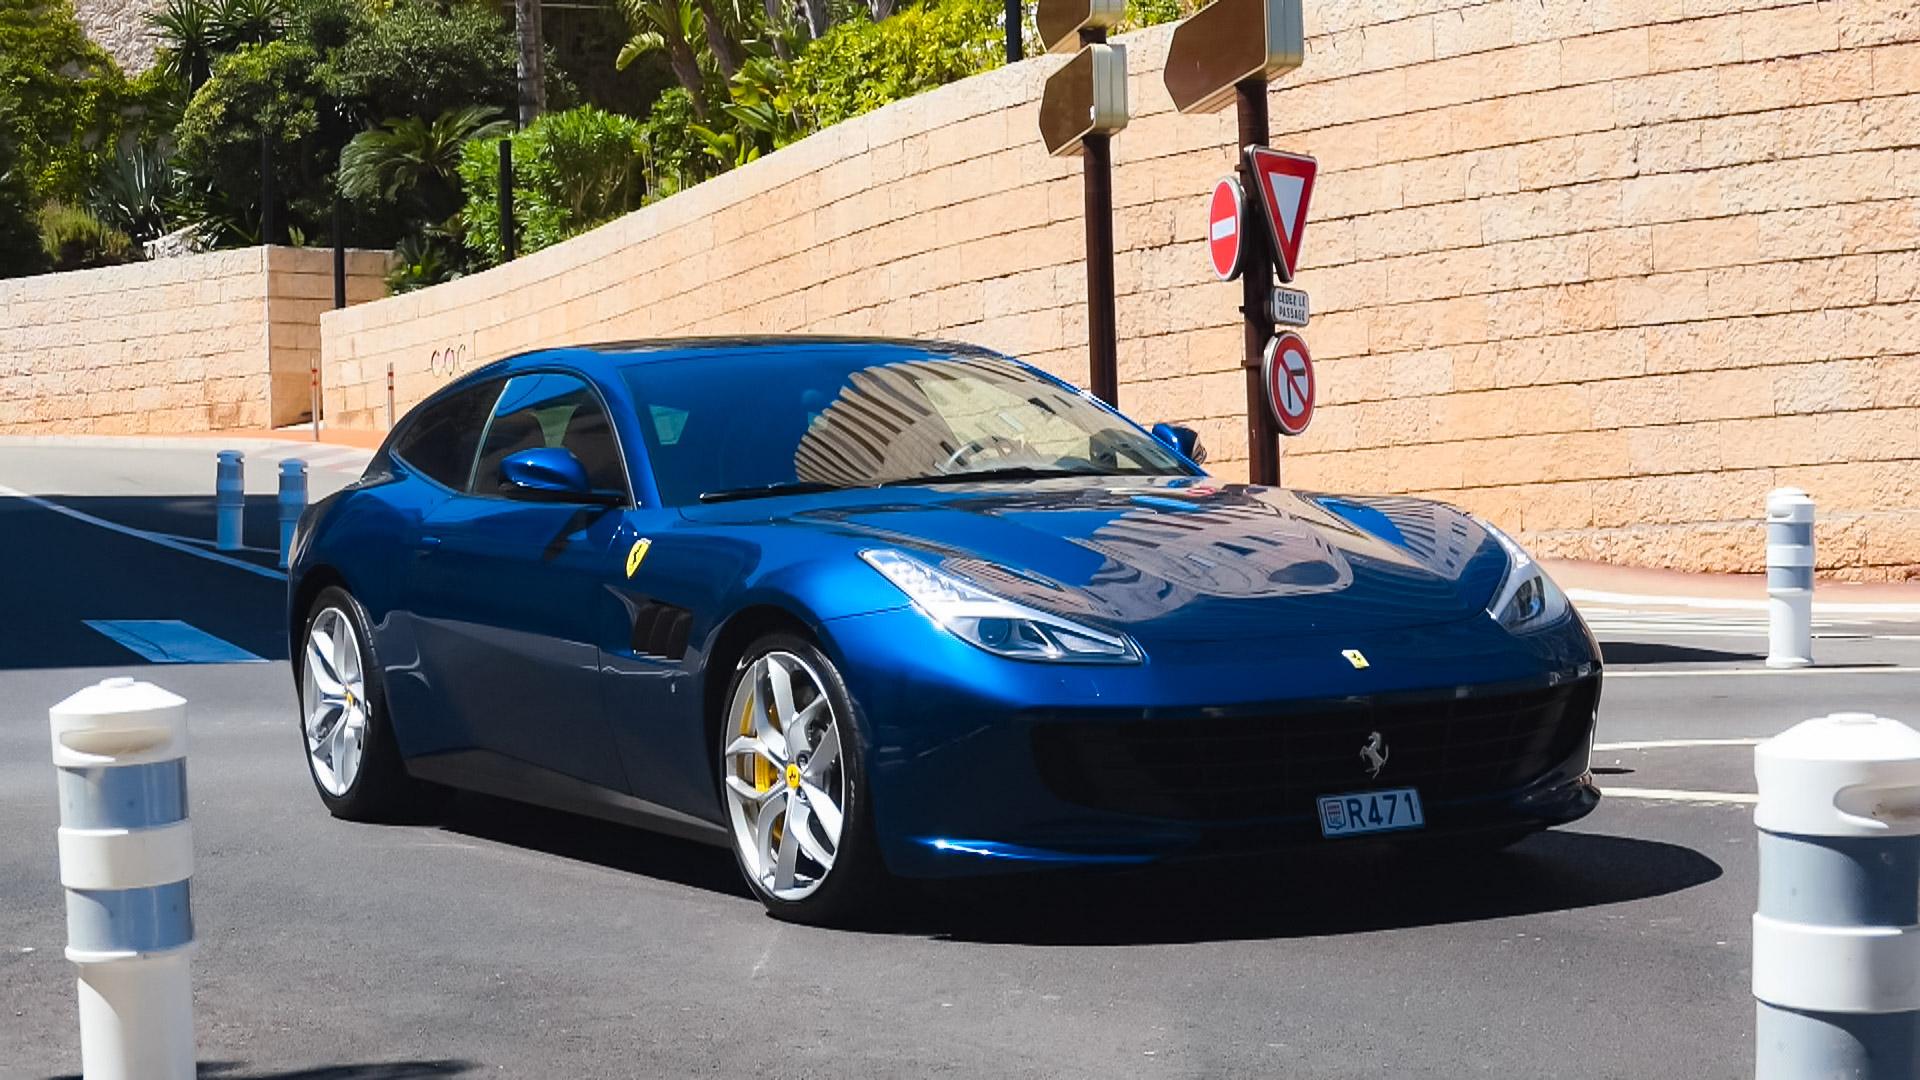 Ferrari GTC4 Lusso - R471 (MC)